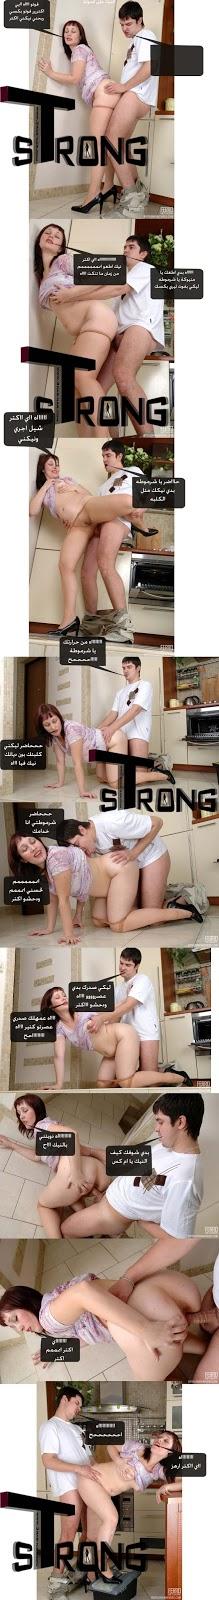 ◁ تقوله دخله مش قادره وهو مش راحمها - قصص سكس مصوره